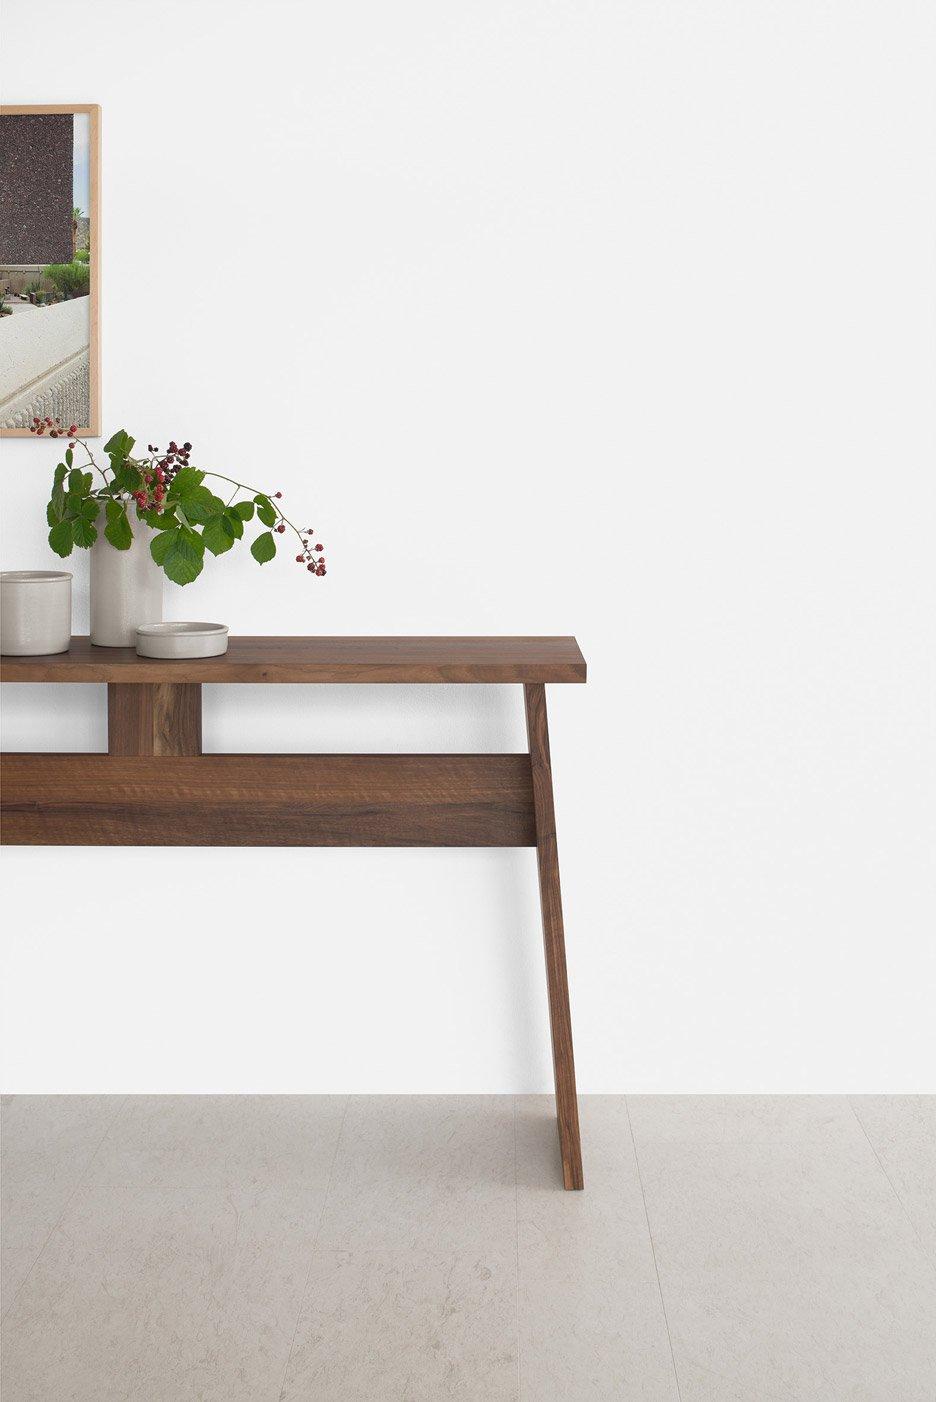 E15-Furniture-David-Chipperfield-Salina_dezeen_936_9